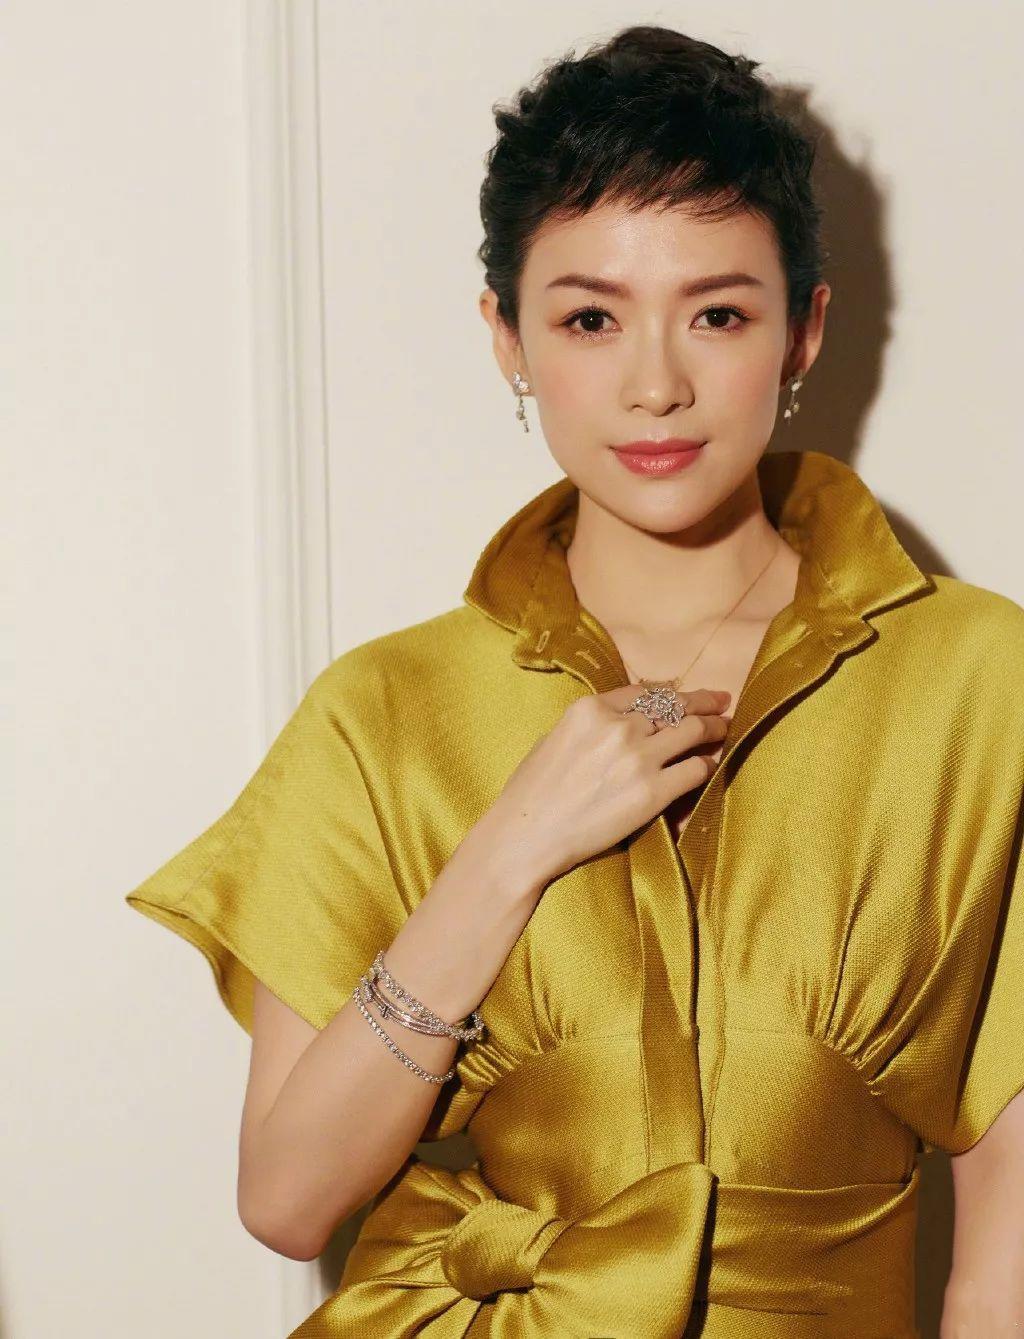 从村姑章到国际章,章子怡在发型和穿搭上,做了哪些有效的改变